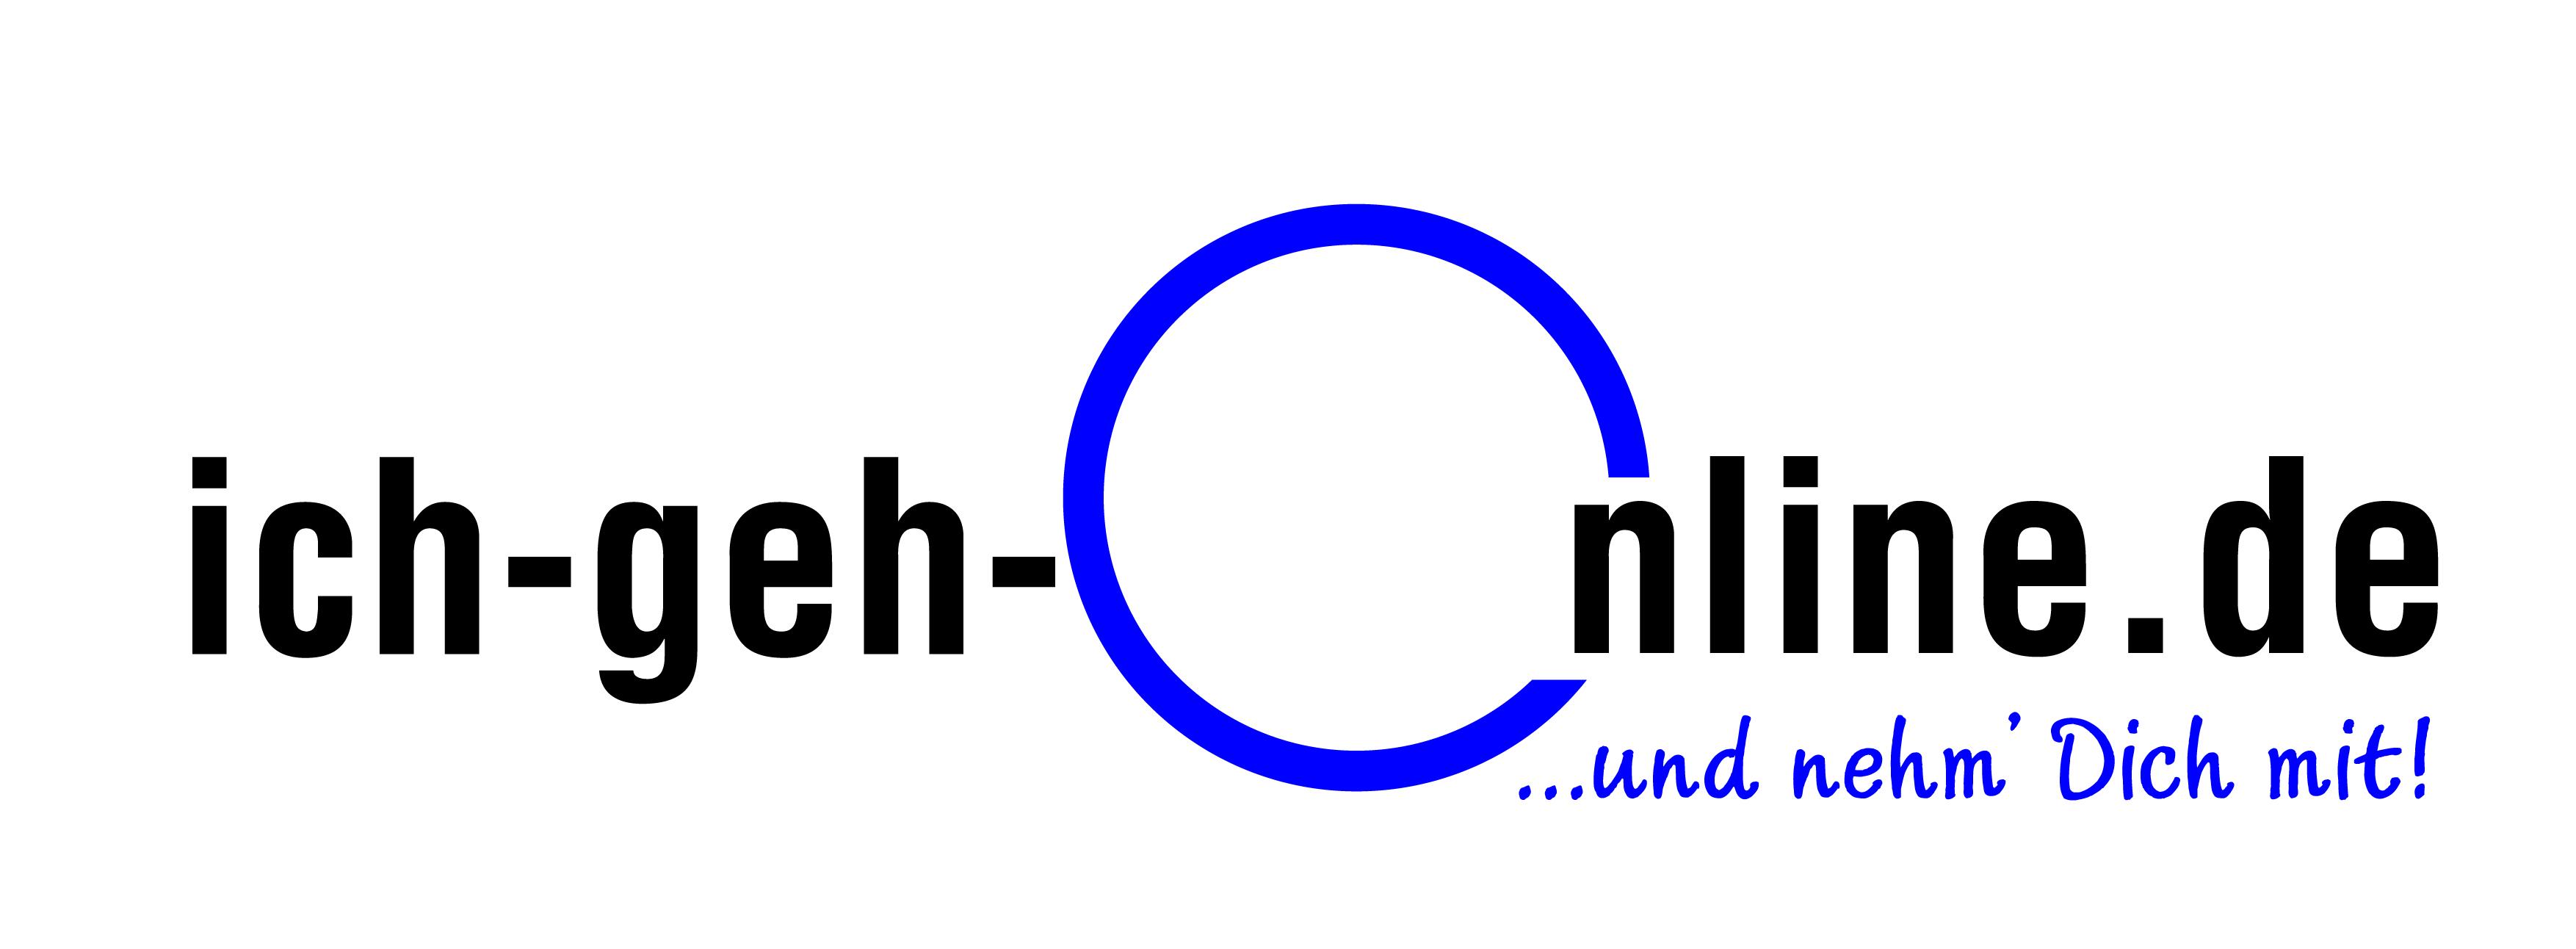 ich-geh-online.de - und nehm´Dich mit!